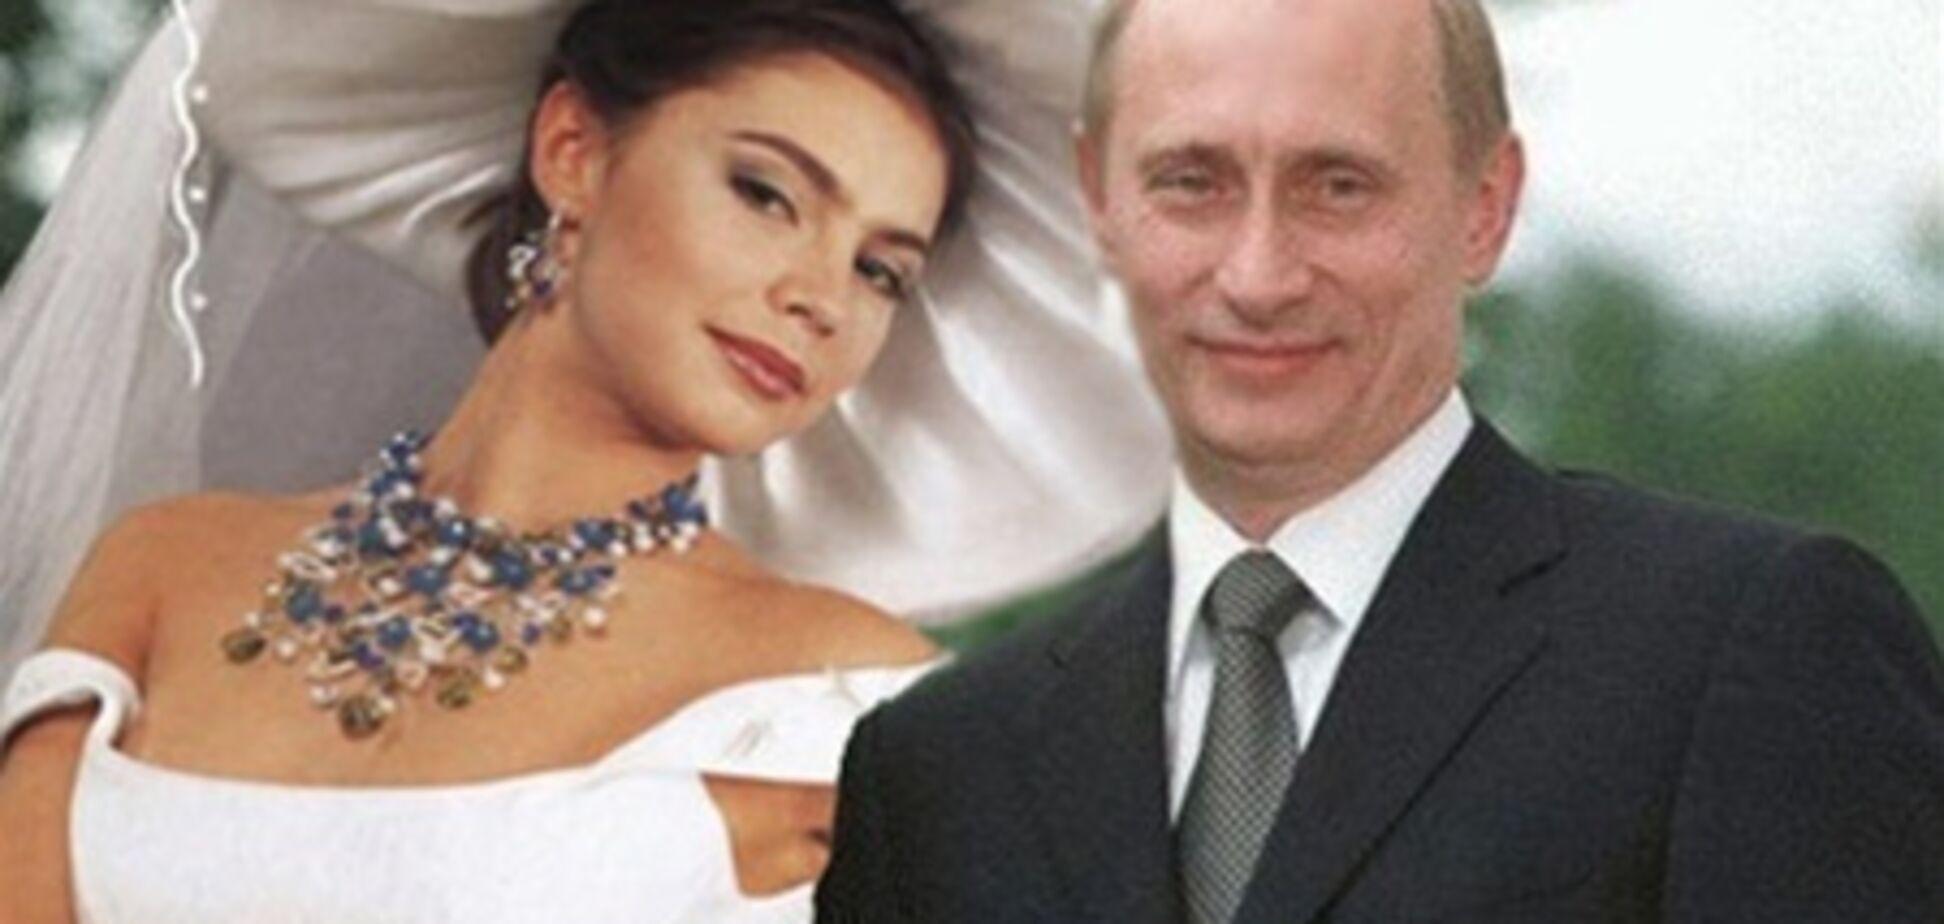 Кабаева: о моих отношениях с Путиным узнаете лет через 50